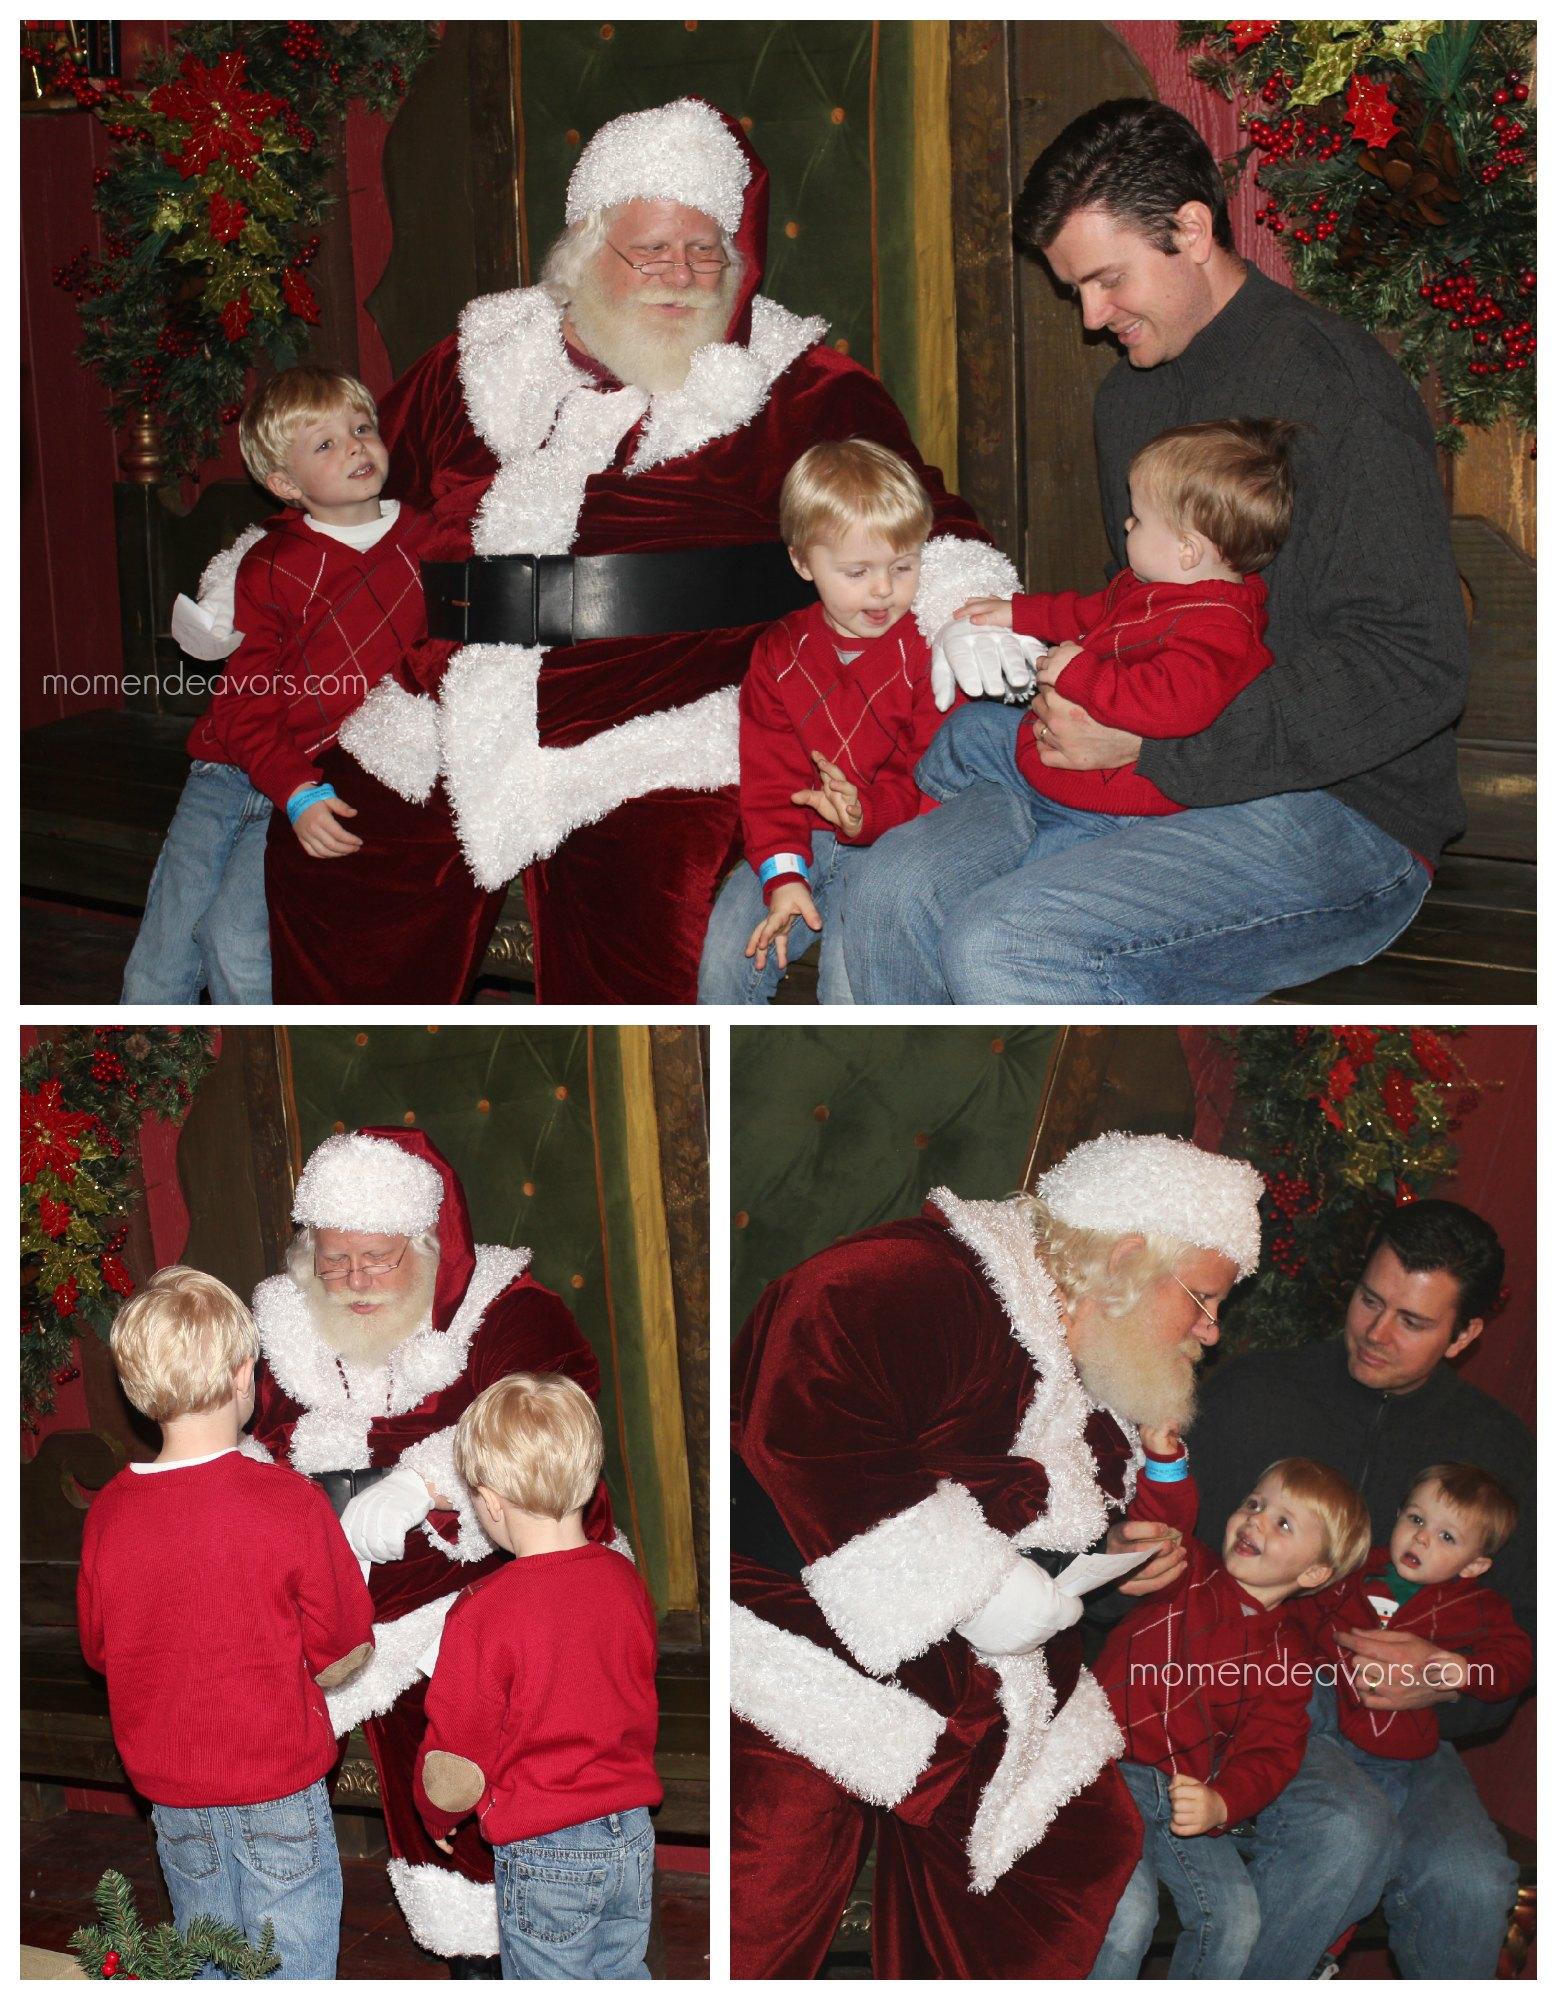 Meeting Santa at the North Pole